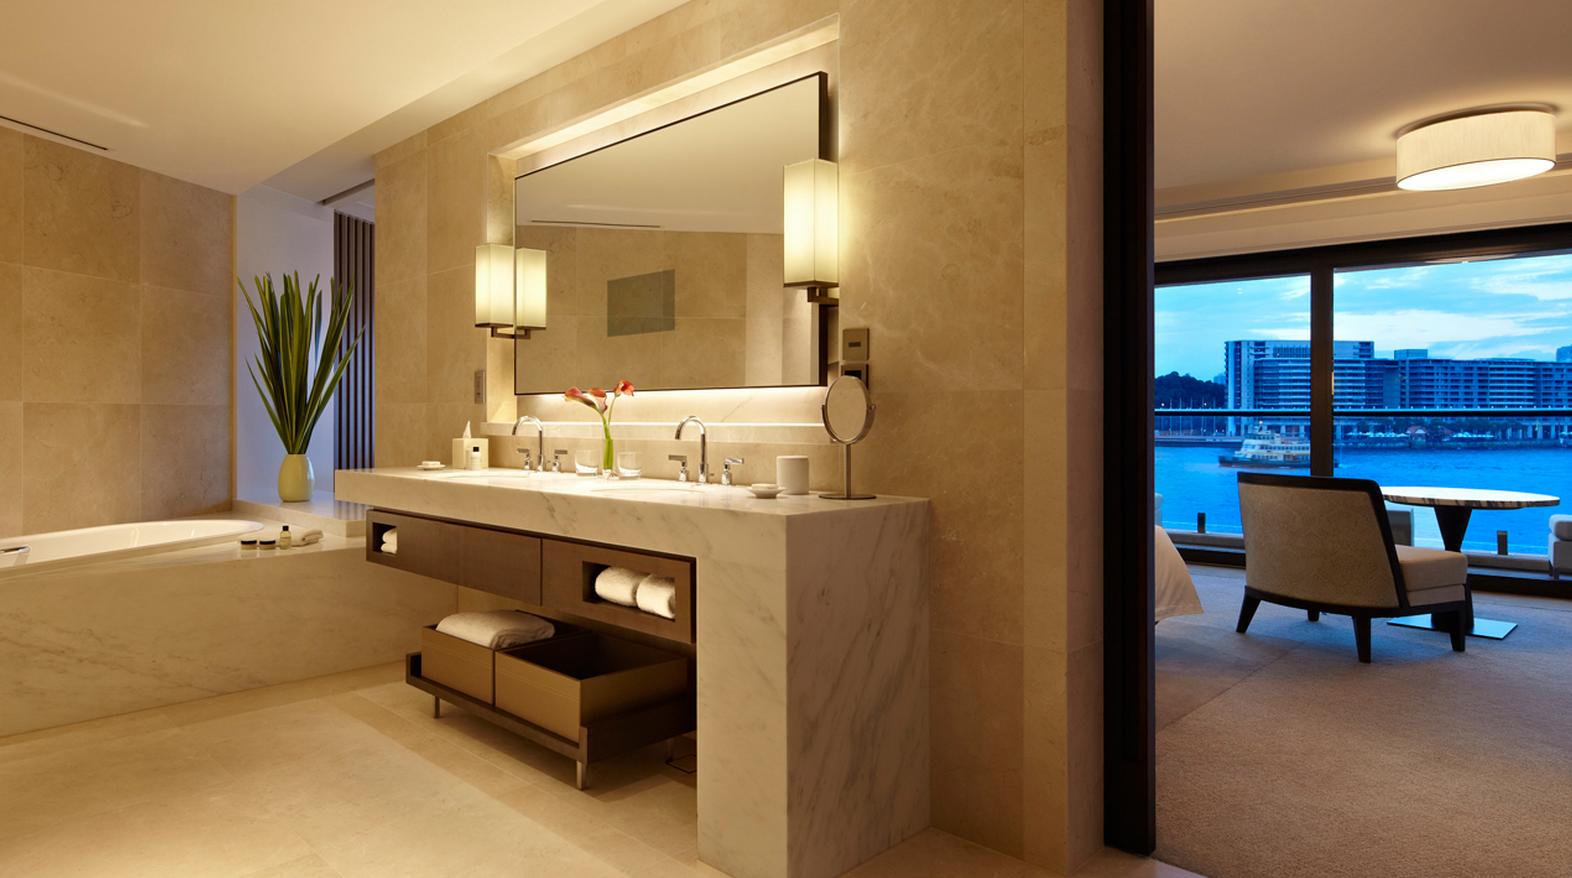 Park hyatt hotel bathroom sydney 1572 878 for Hotel park hyatt sydney